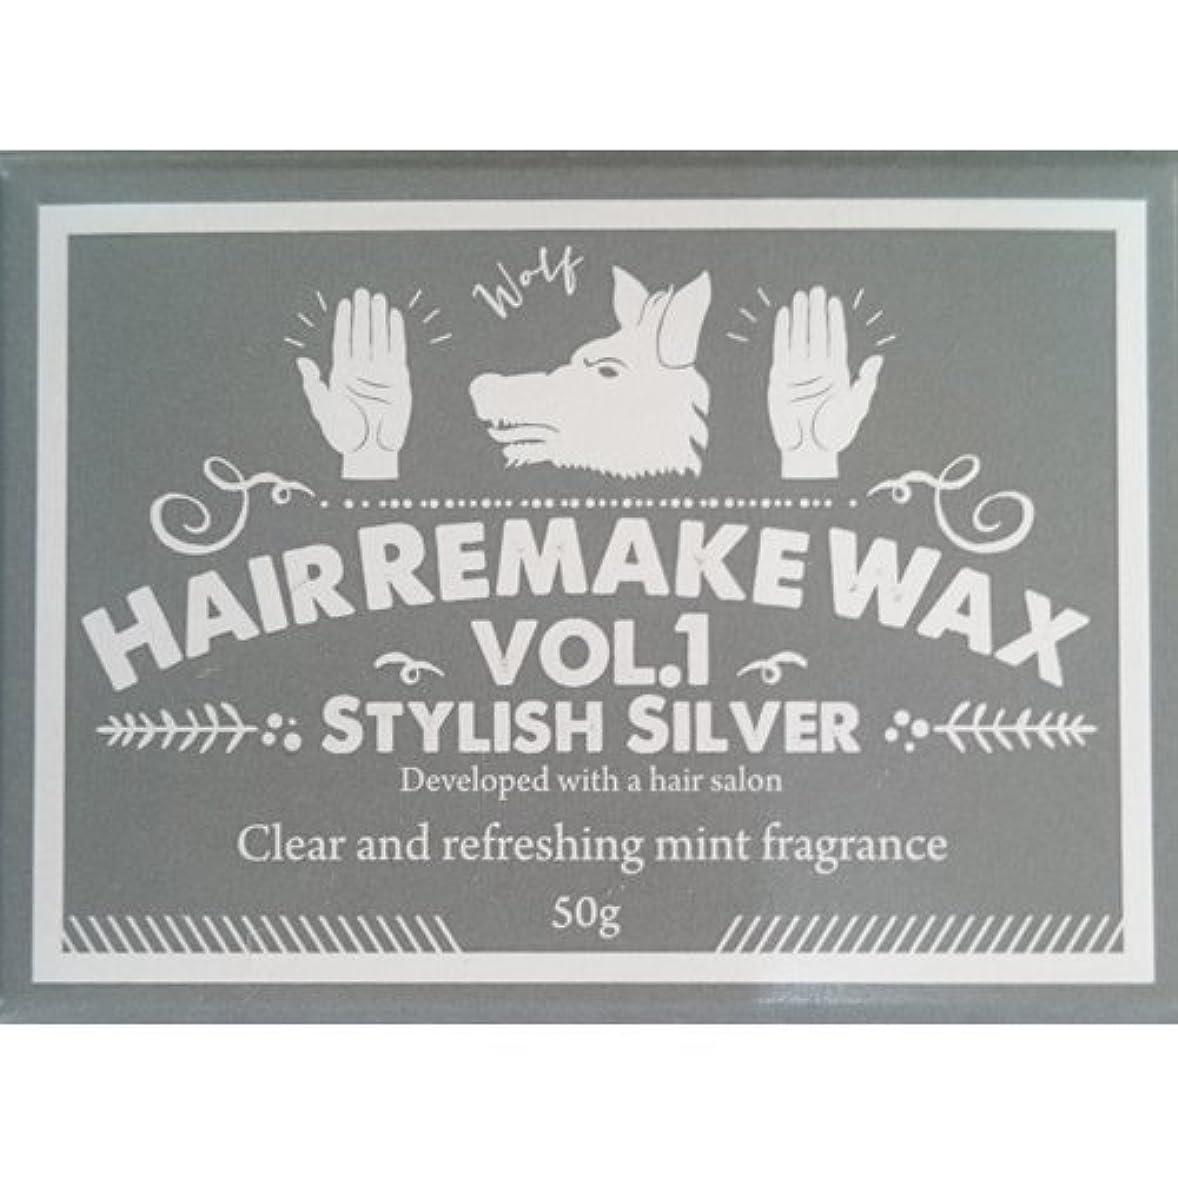 リブワットバウンスパーティー 変装 銀髪用 Hair Remake(ヘアーリメイクワックス)WAX Vol.1 スタイリッシュシルバー 50g